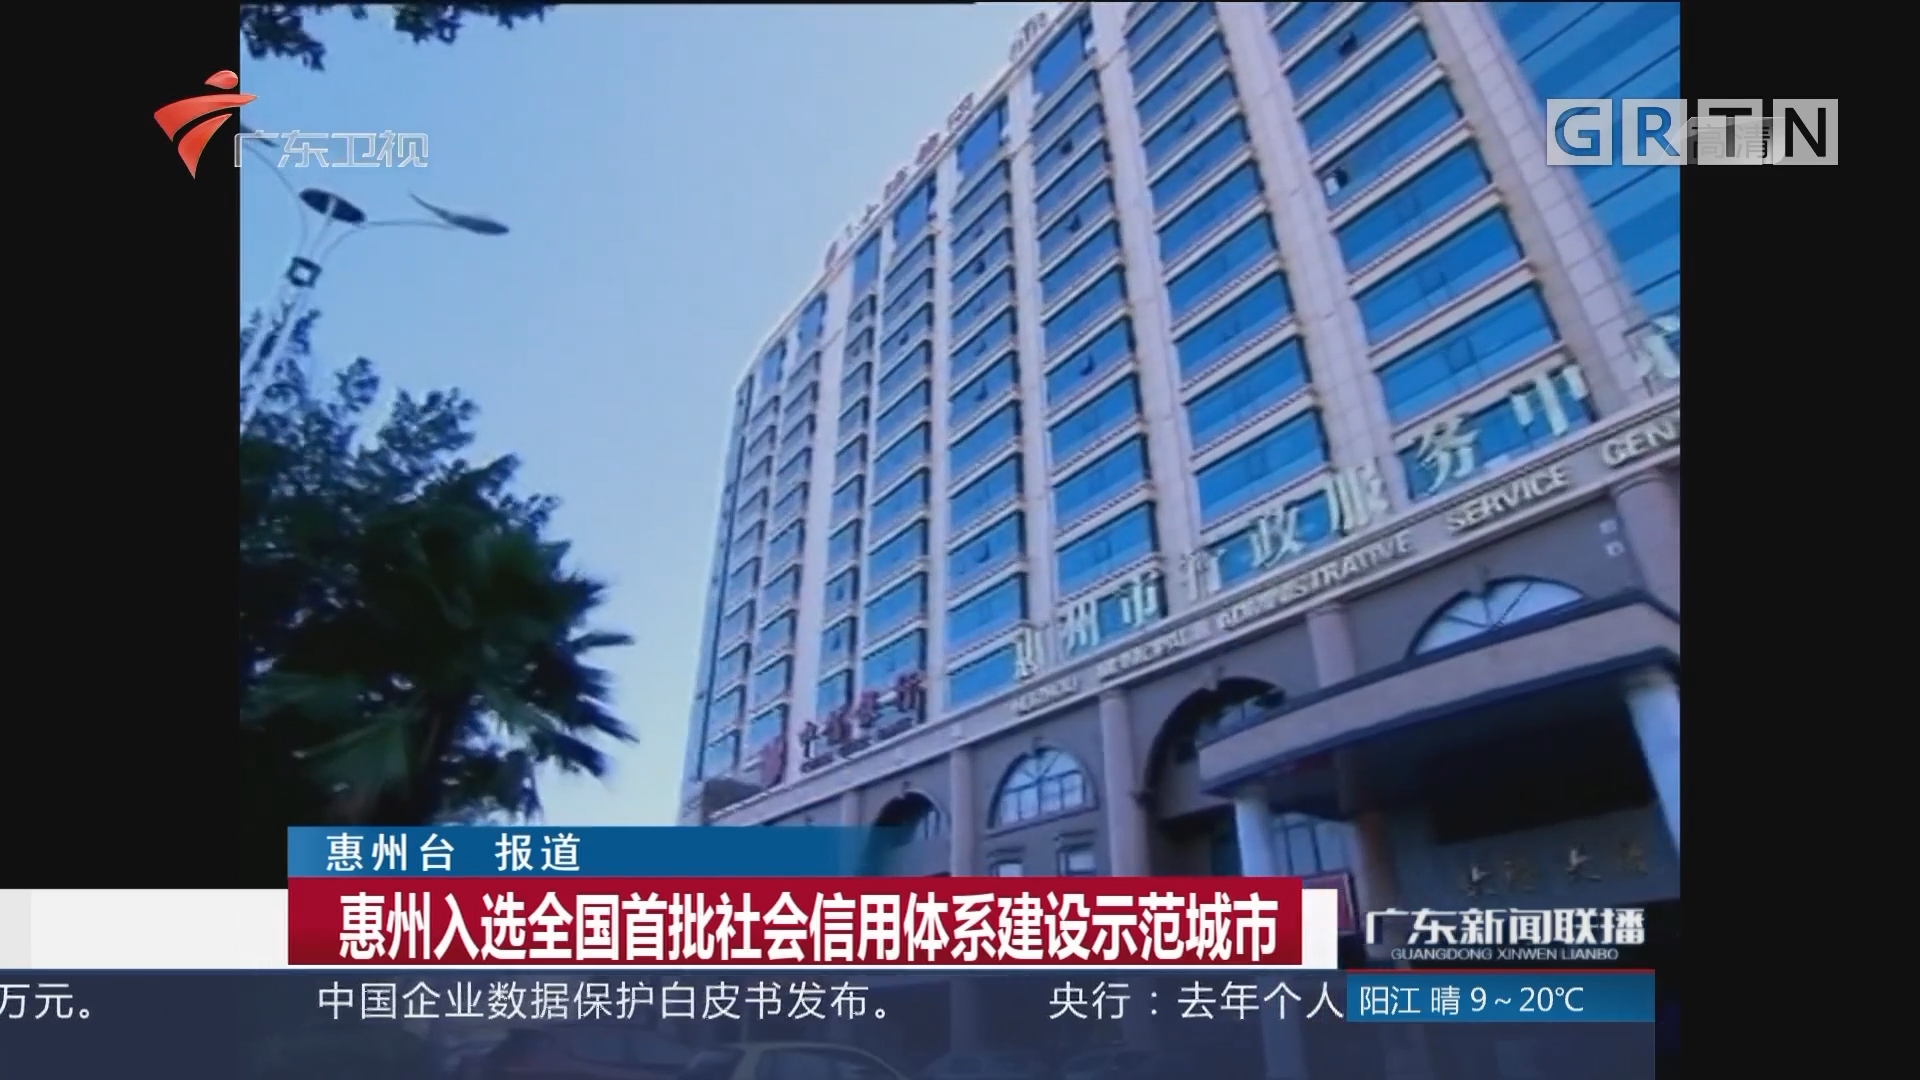 惠州入选全国首批社会信用体系建设示范城市